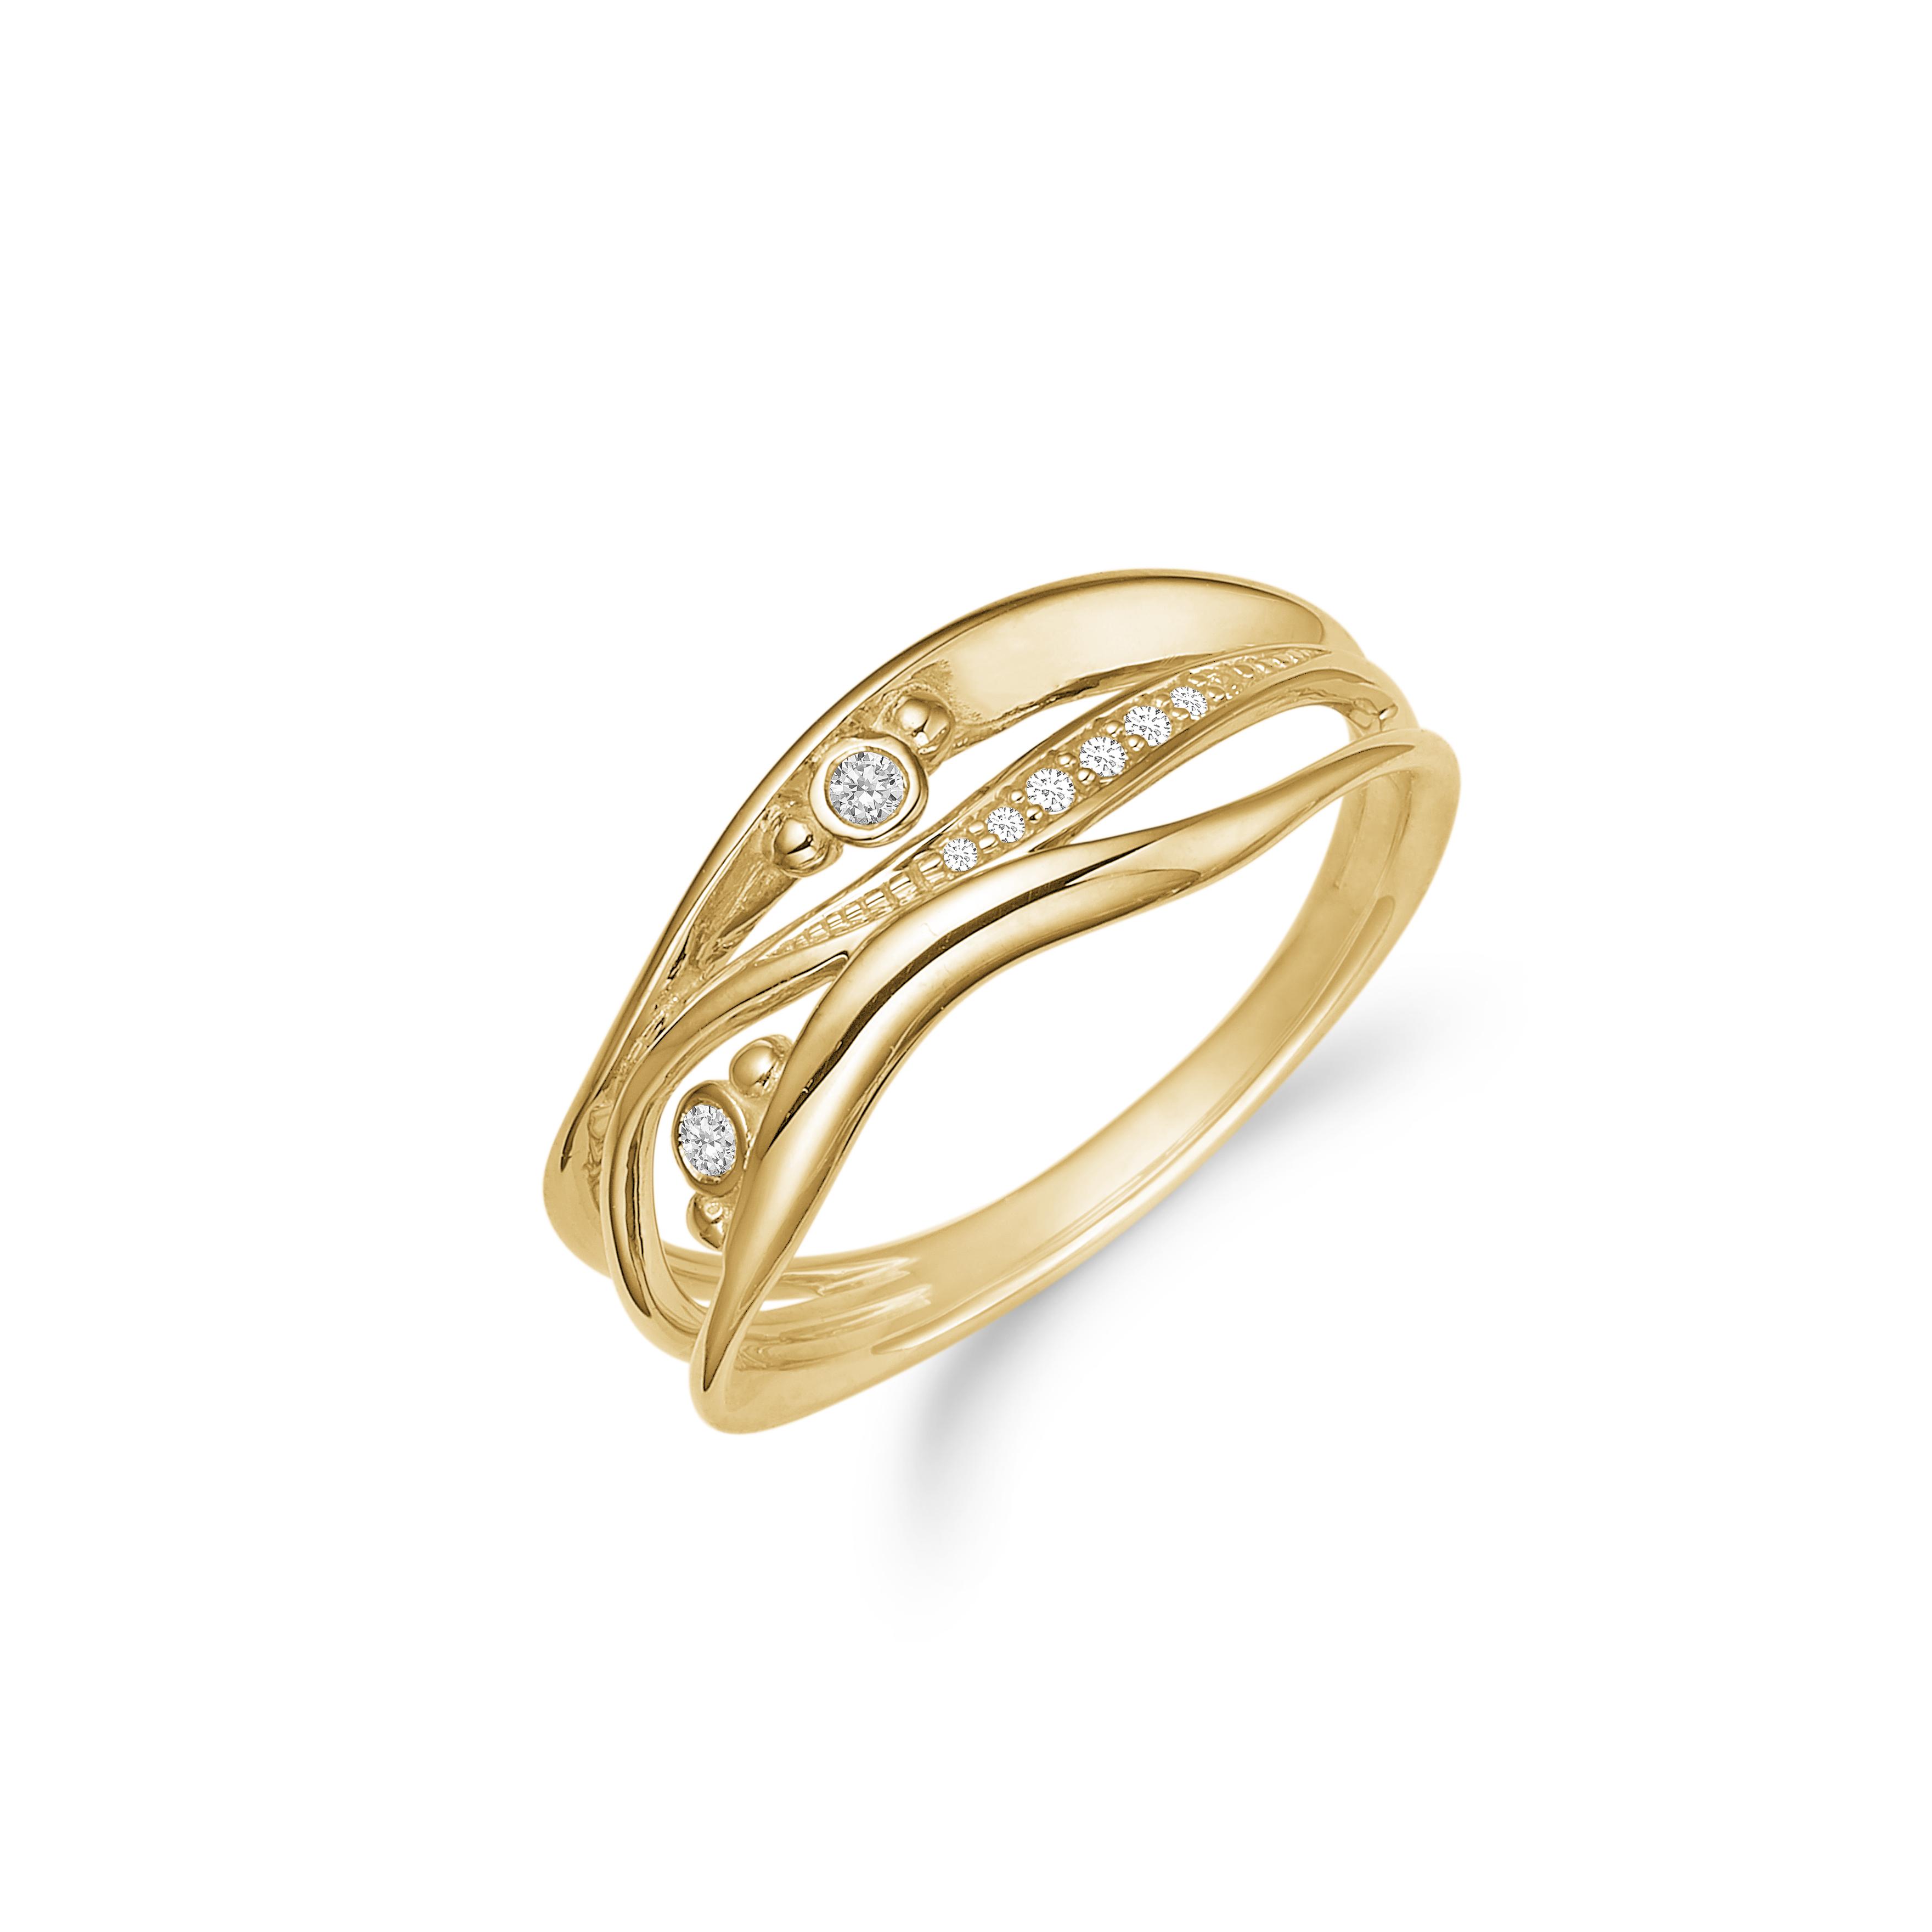 Image of   8 kt ring med zirkonia - 08622271-75 Størrelse 52